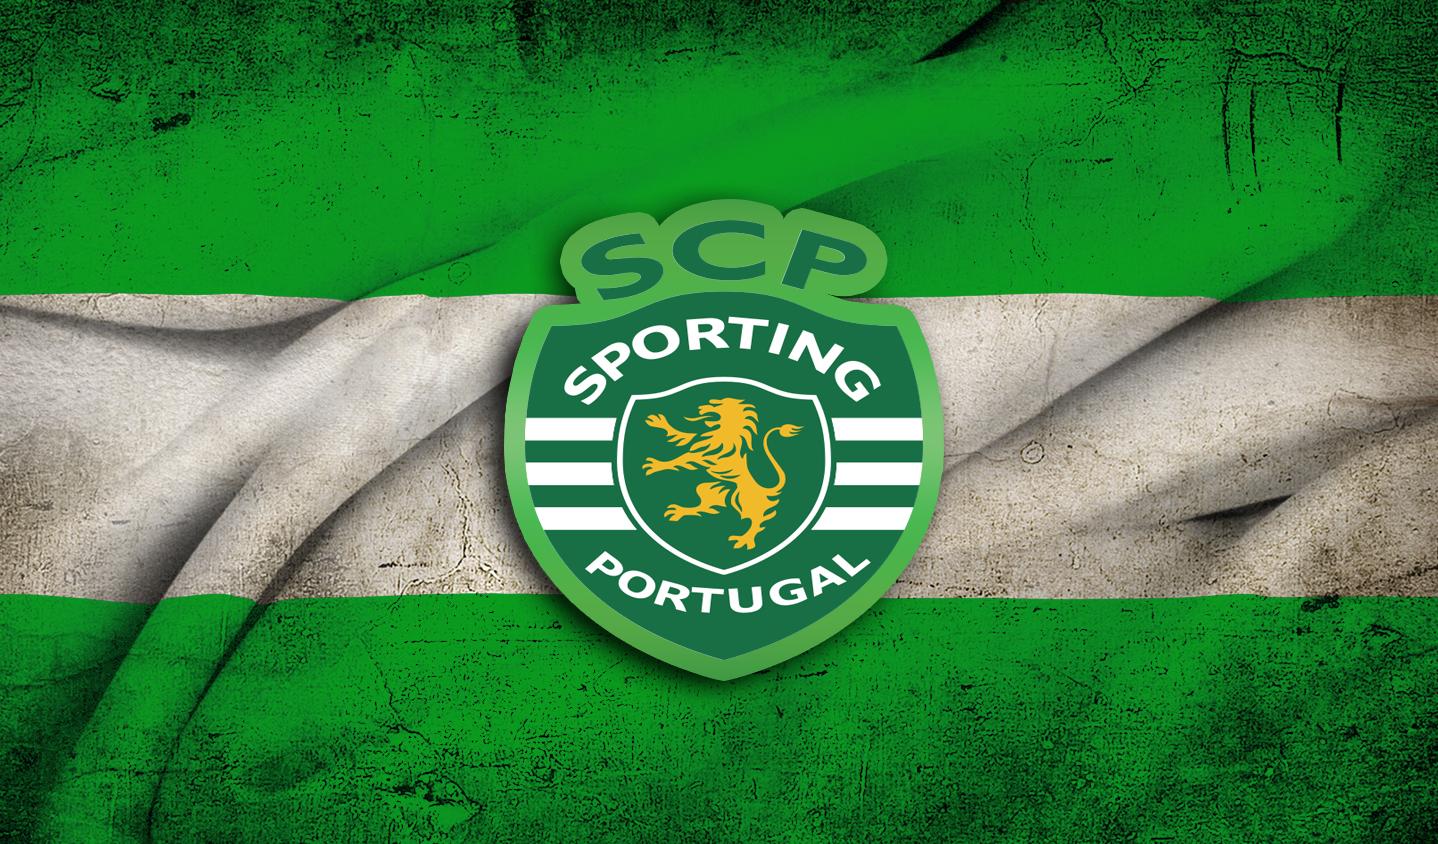 Sporting Clube de Portugal Symbol Wallpaper